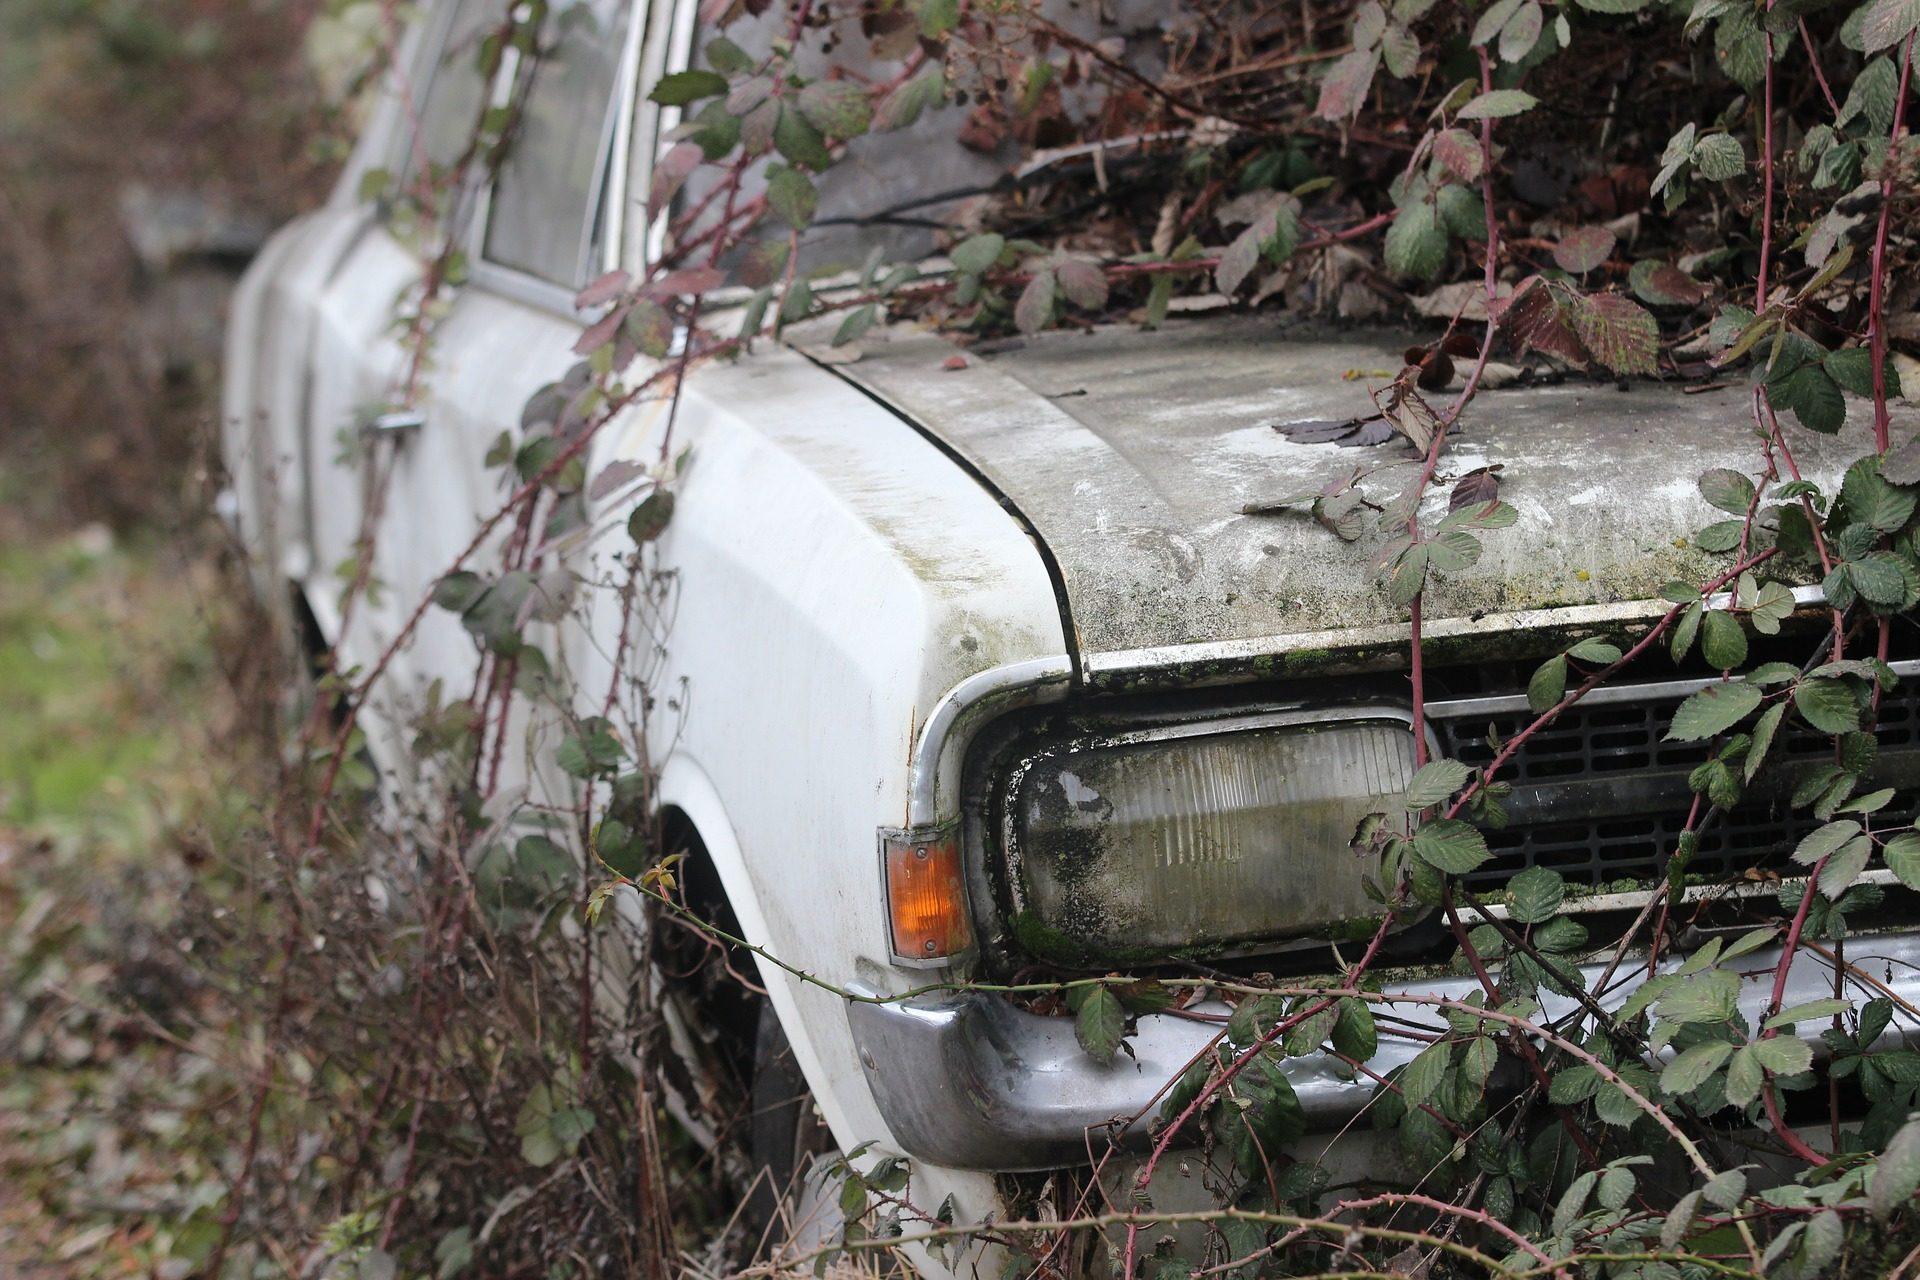 αυτοκίνητο, antiguo, παλιά, εγκαταλειφθεί, ξεχάσει, σκραπ - Wallpapers HD - Professor-falken.com